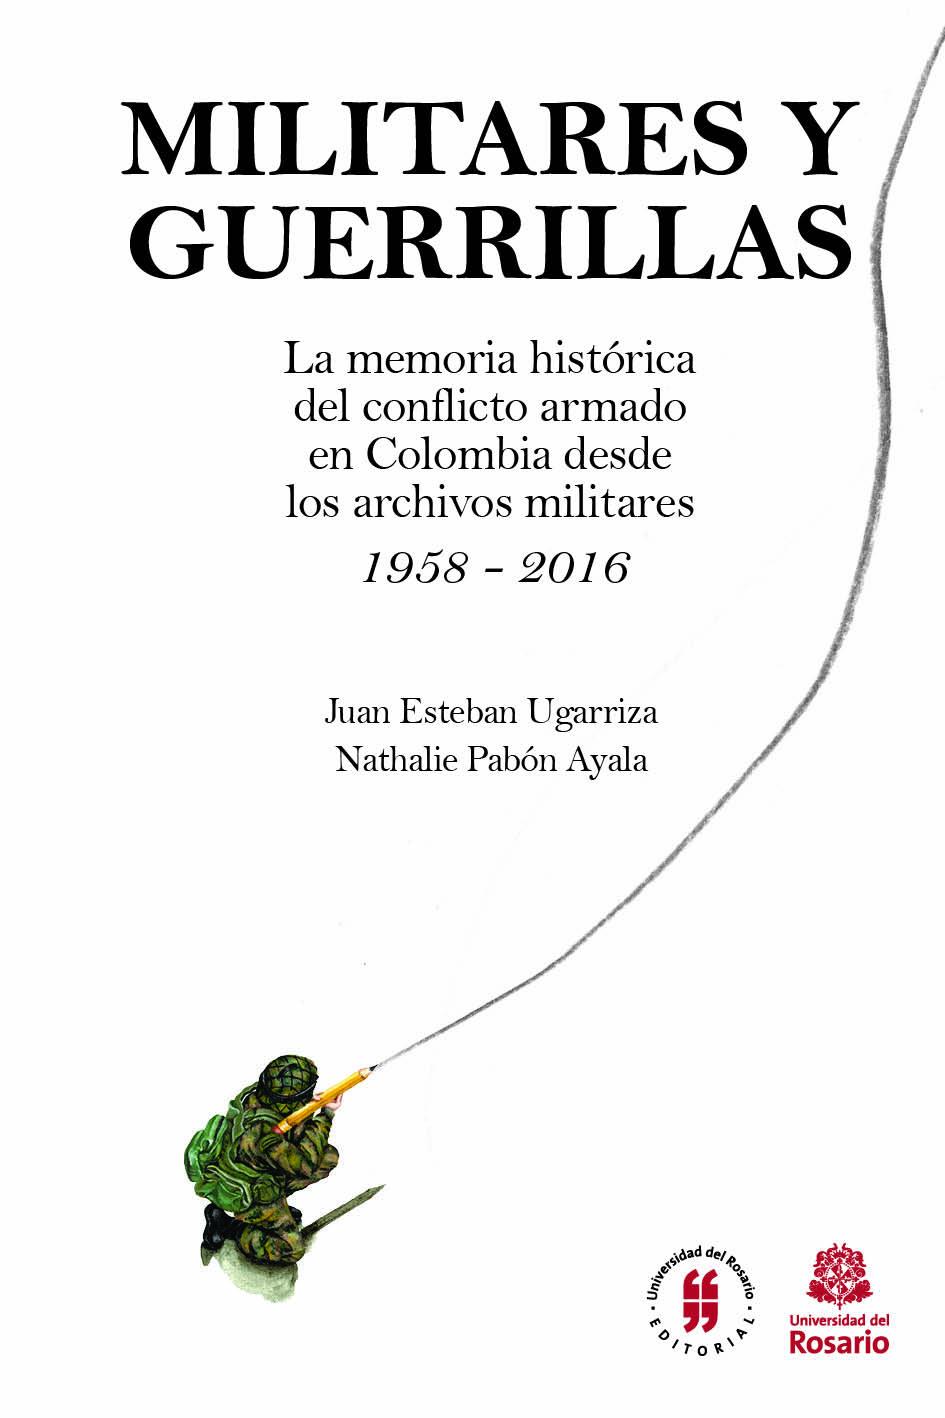 Militares y guerrillas. La memoria histórica del conflicto armado en Colombia desde los archivos militares 1958 – 2016